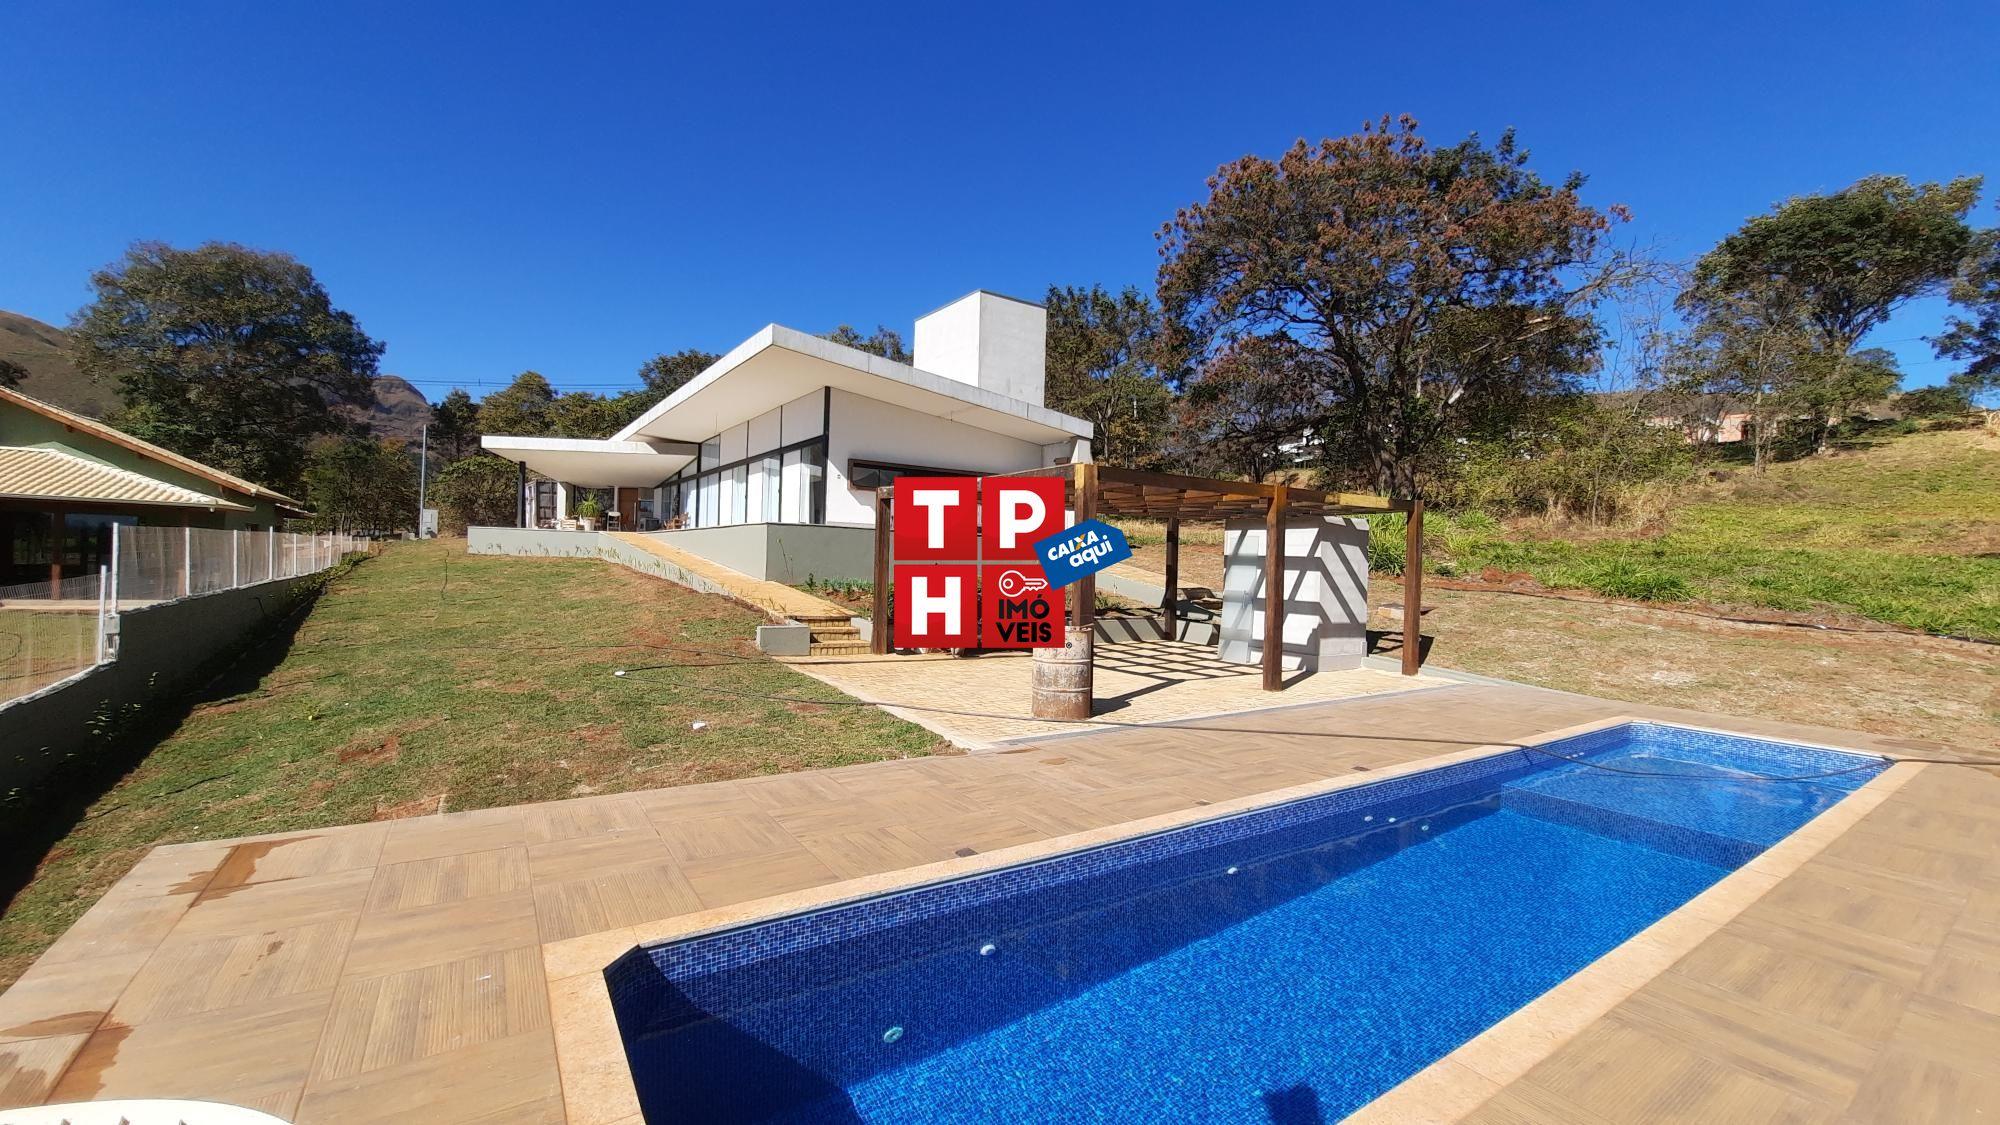 Casa em condomínio à venda  no Zona Rural - Mário Campos, MG. Imóveis